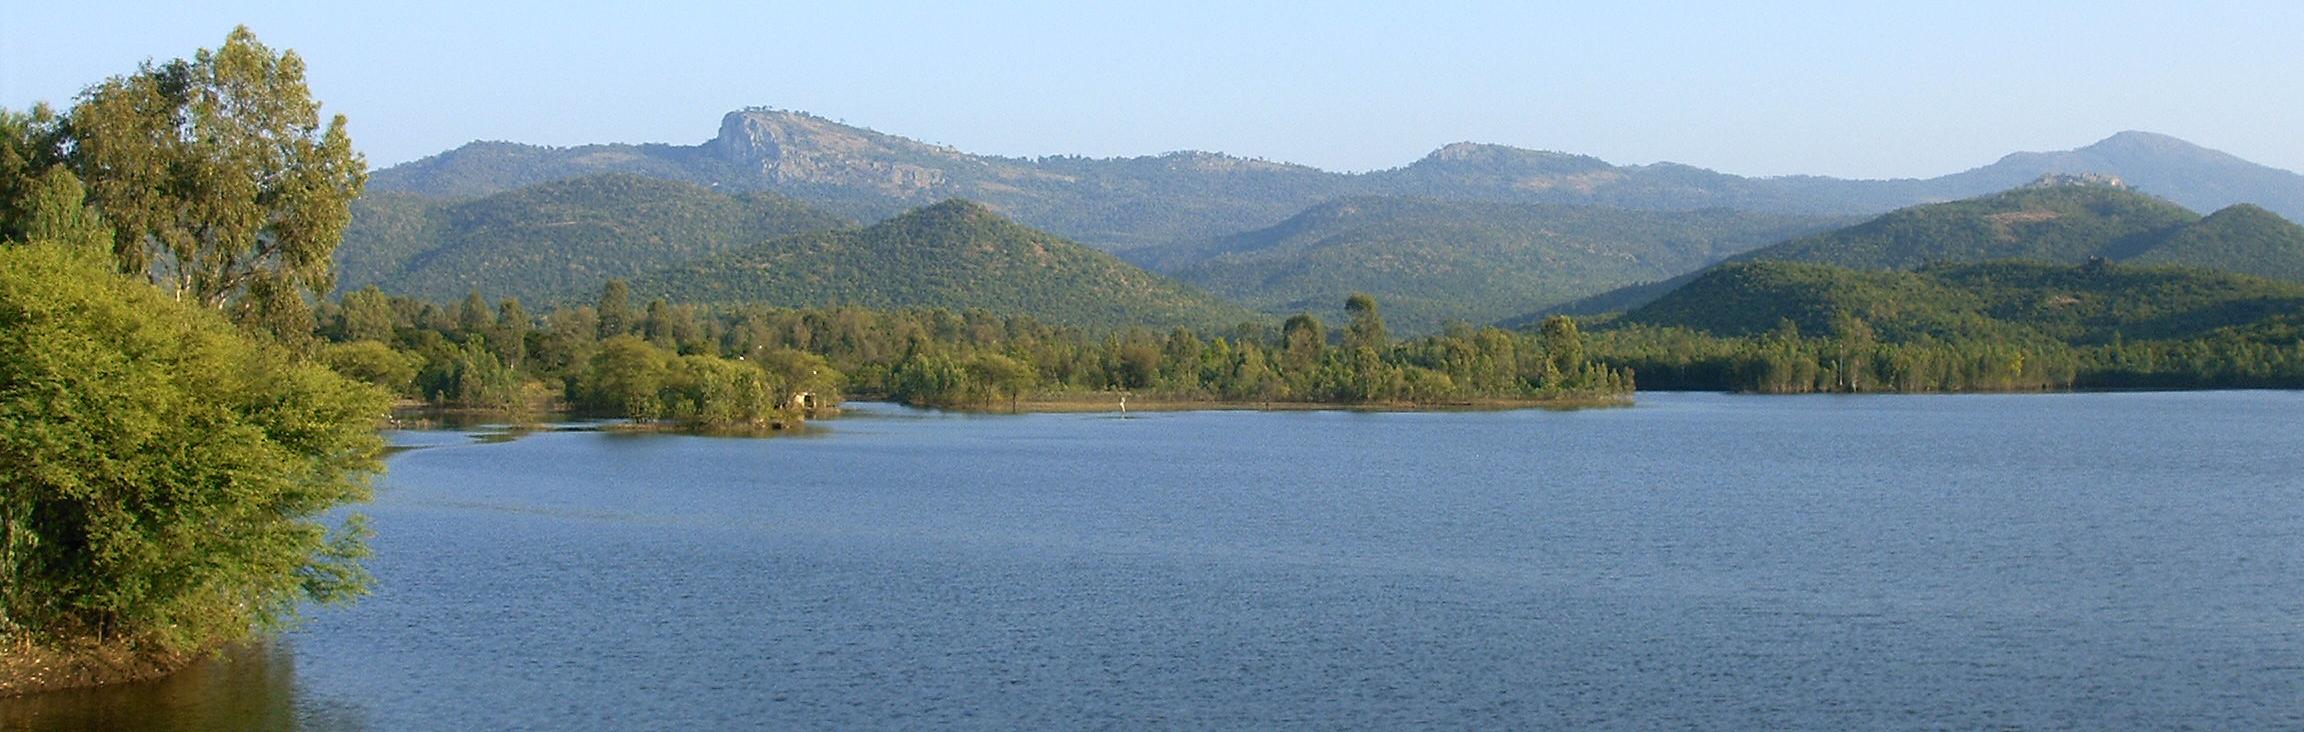 बिलगिरि रंगन पर्वतमाला